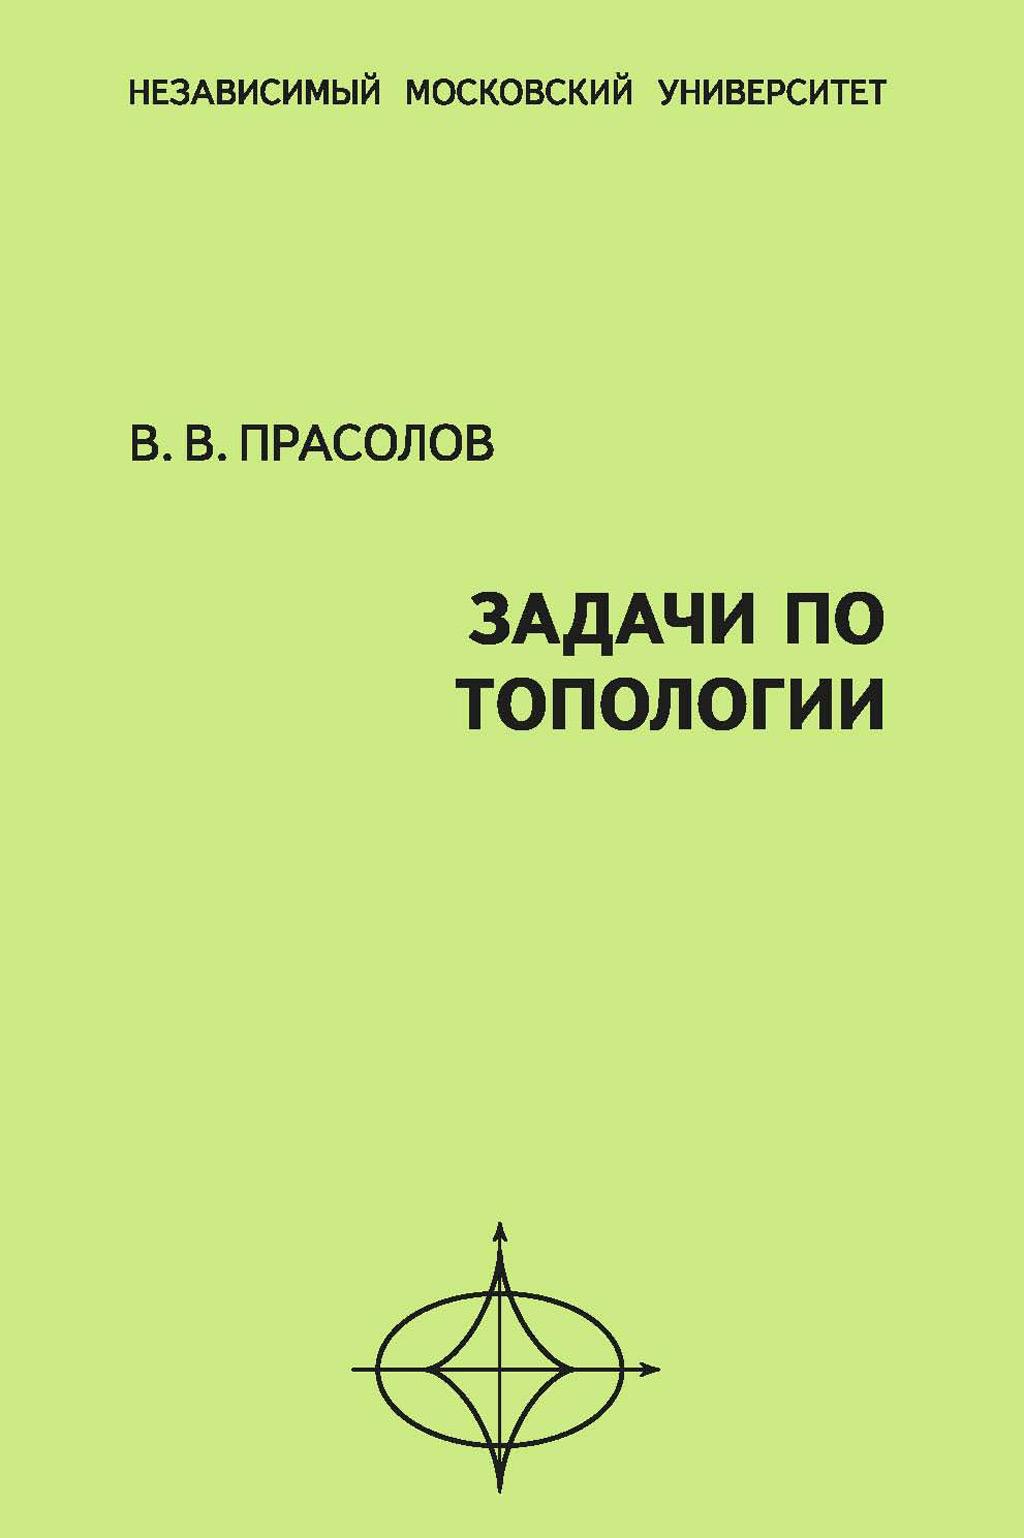 В. В. Прасолов Задачи по топологии м с вербицкий начальный курс топологии задачи и теоремы